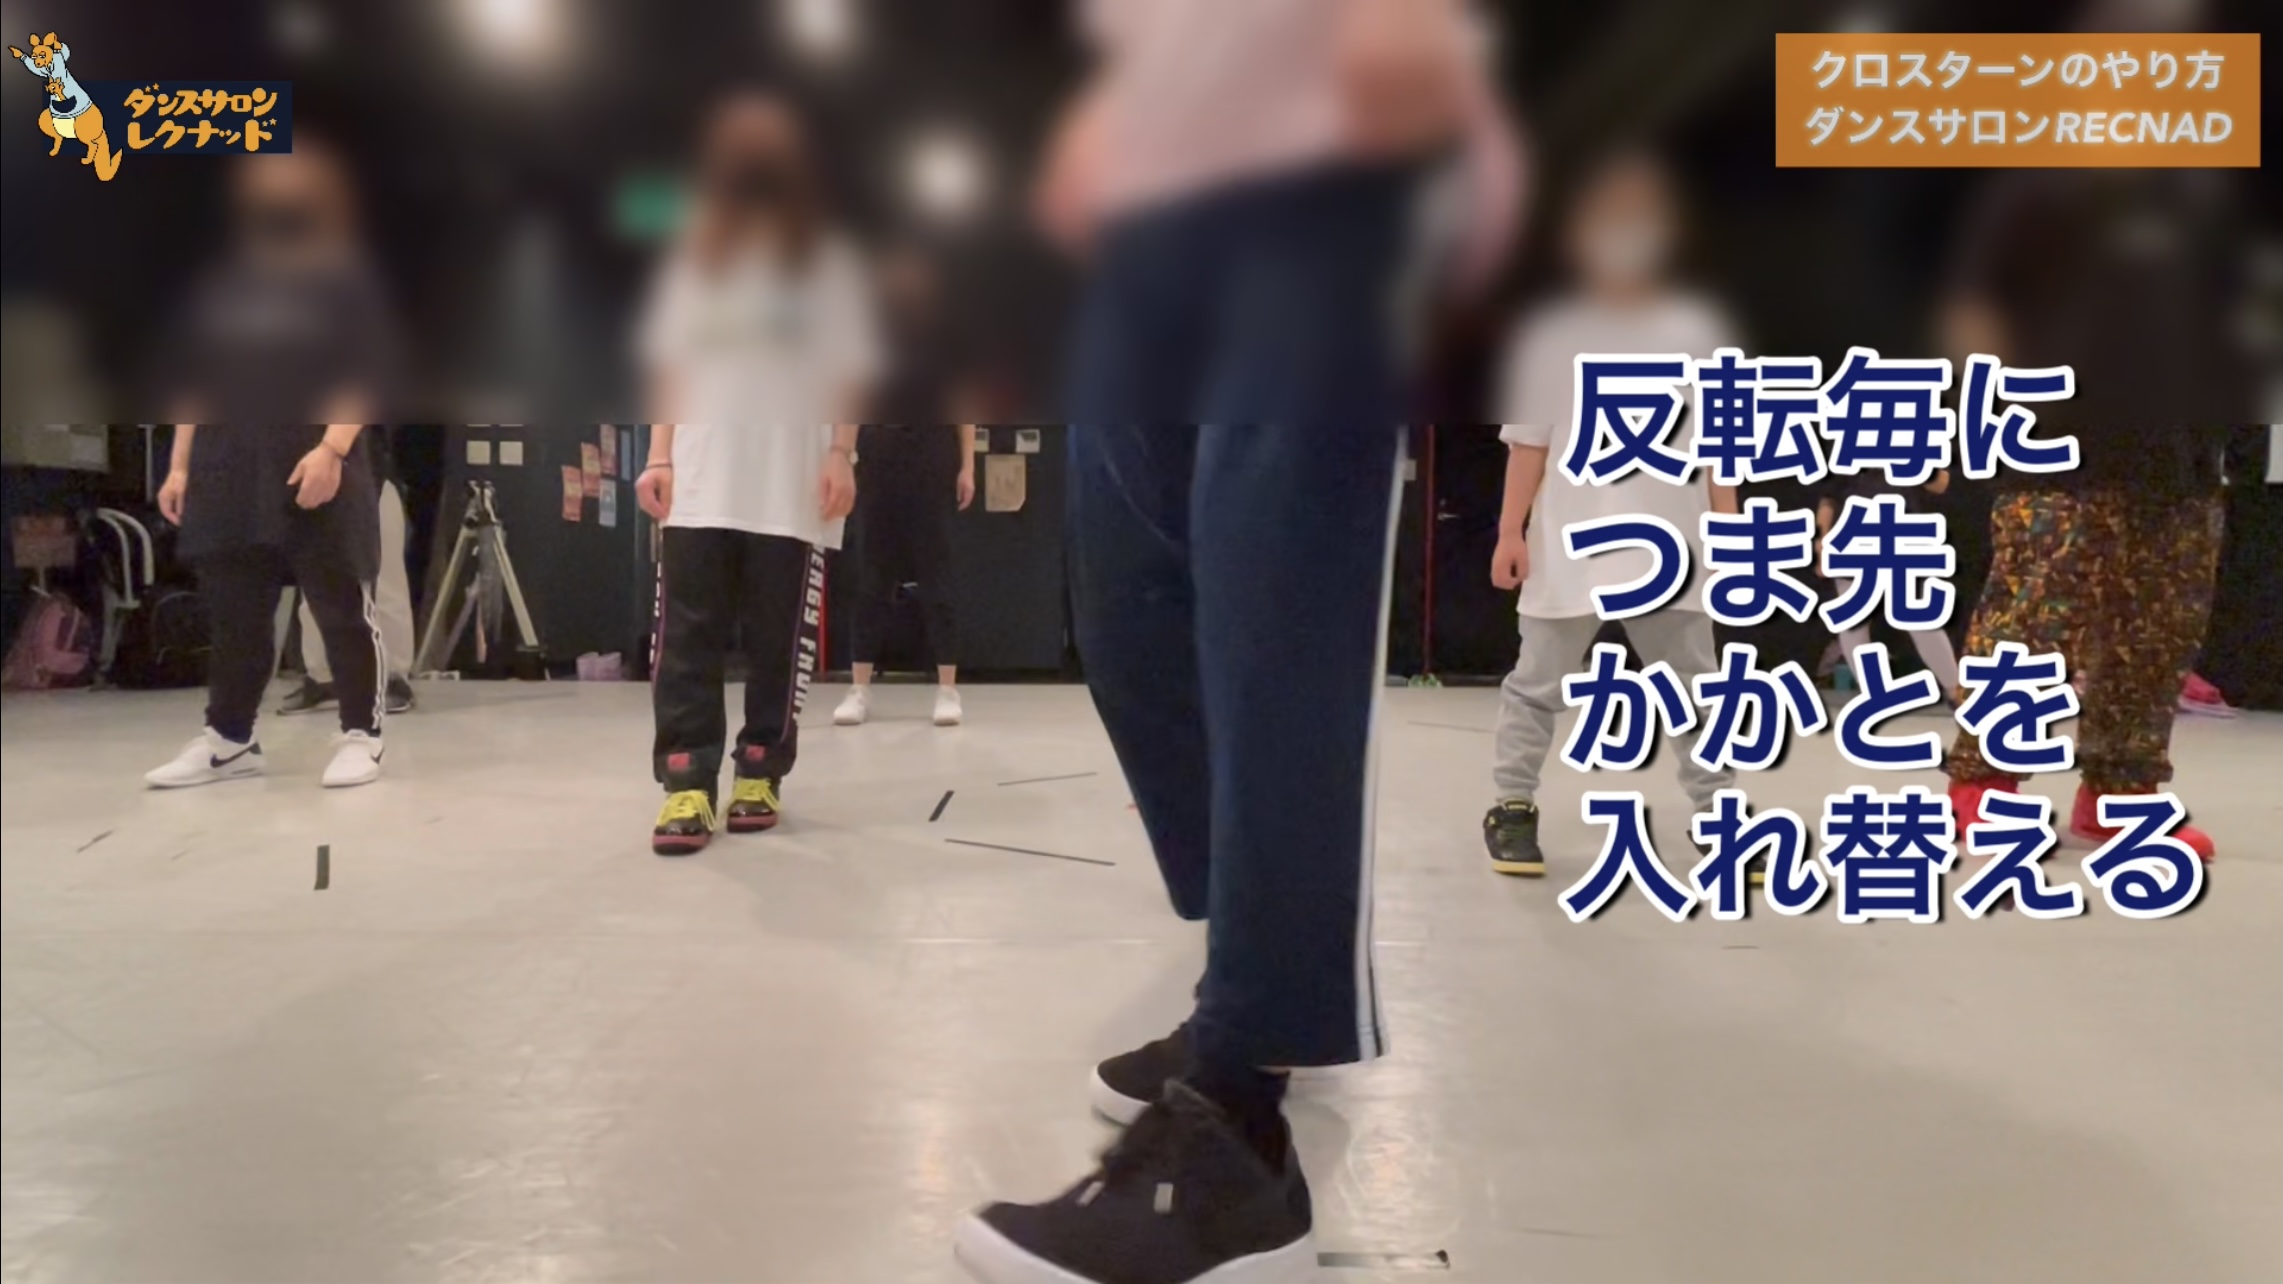 ターン 【ダンス動画】プロダンサーが教えるダンスのターンのやり方